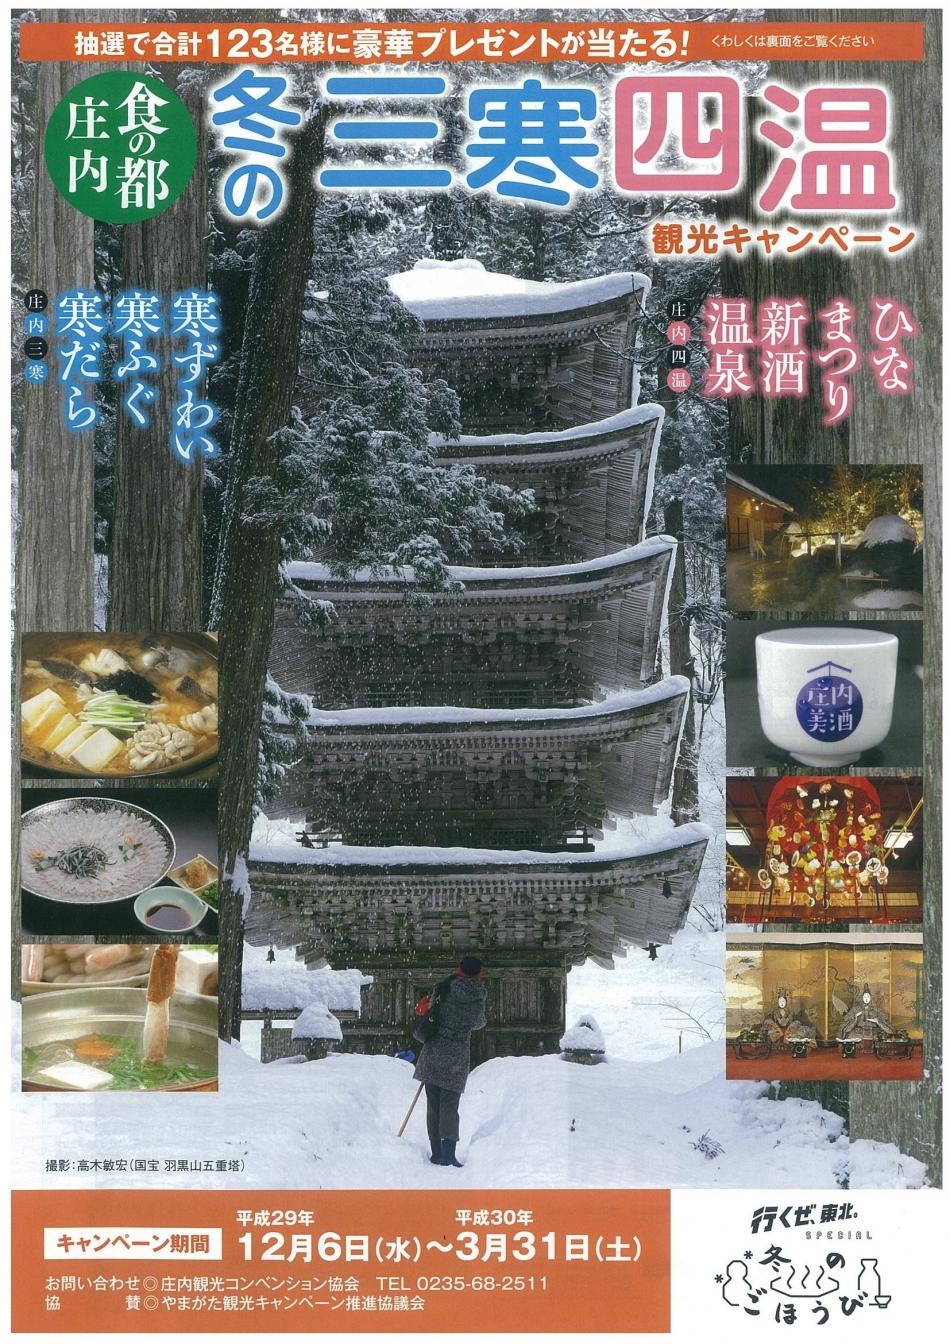 食の都庄内「冬の三寒四温」観光キャンペーンが開催中!【12月6日(水)~3月31日(土)】